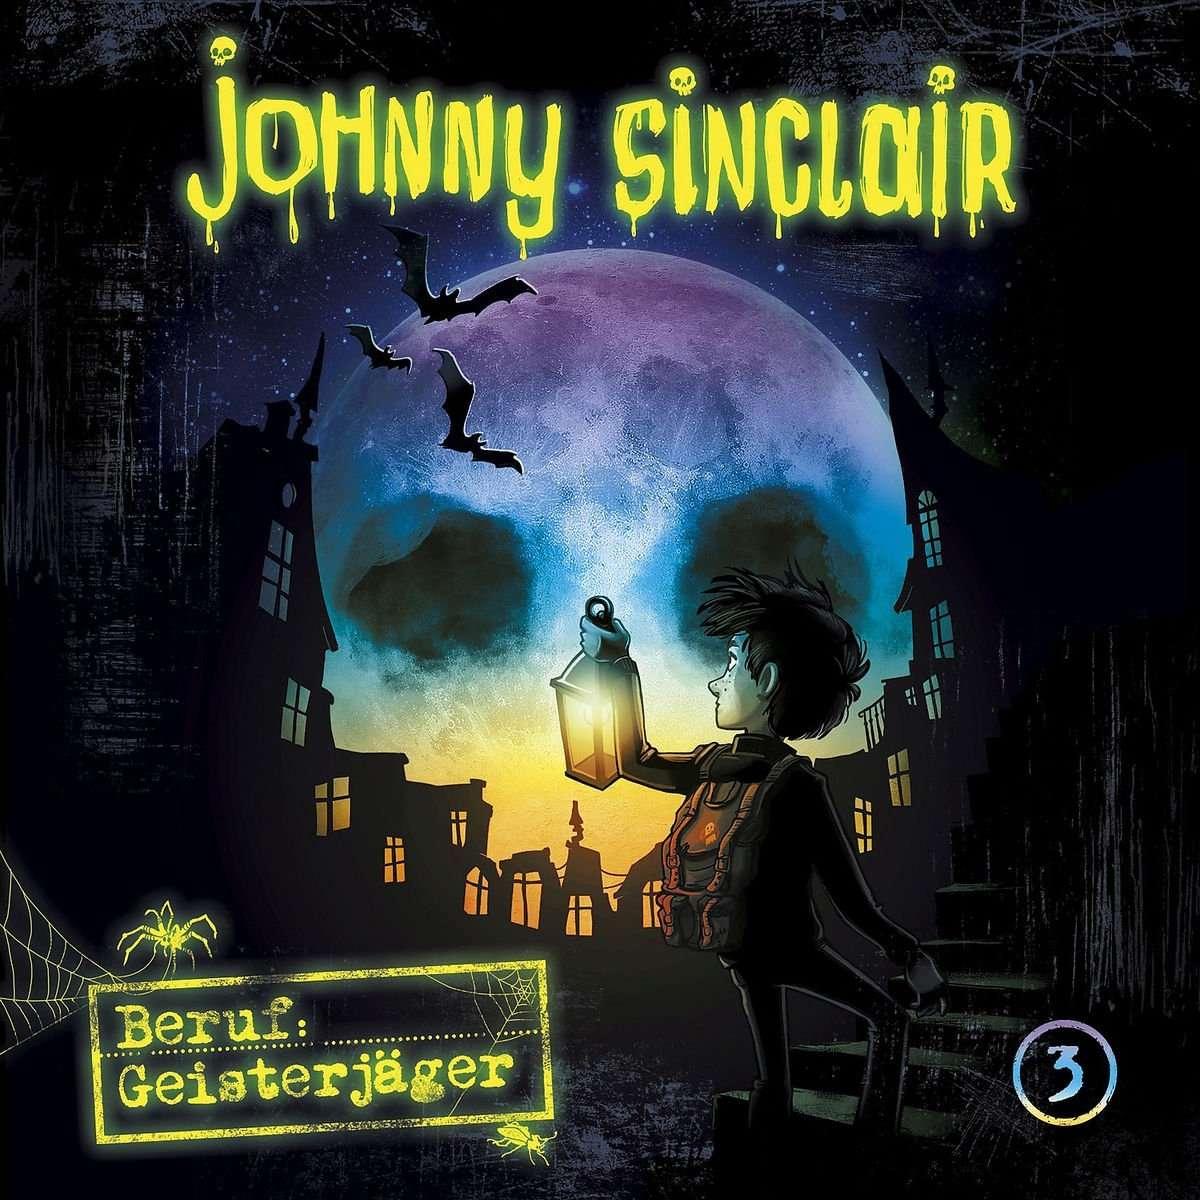 Bild:Johnny Sinclair - Beruf: Geisterjäger